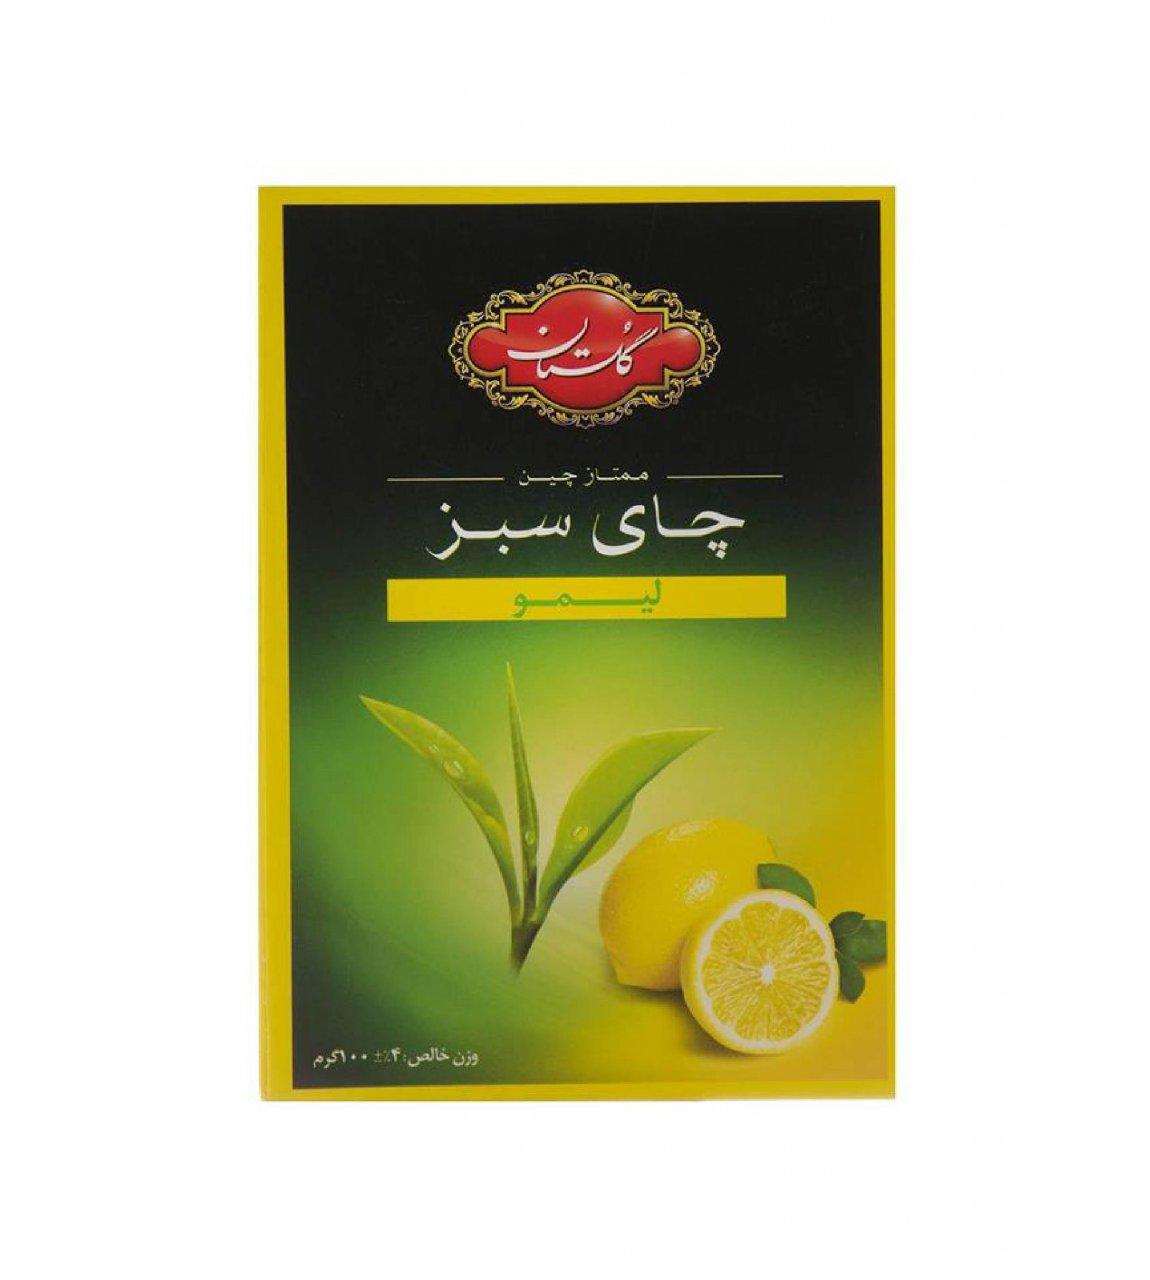 چای سبز با طعم لیمو گلستان 100 گرمی